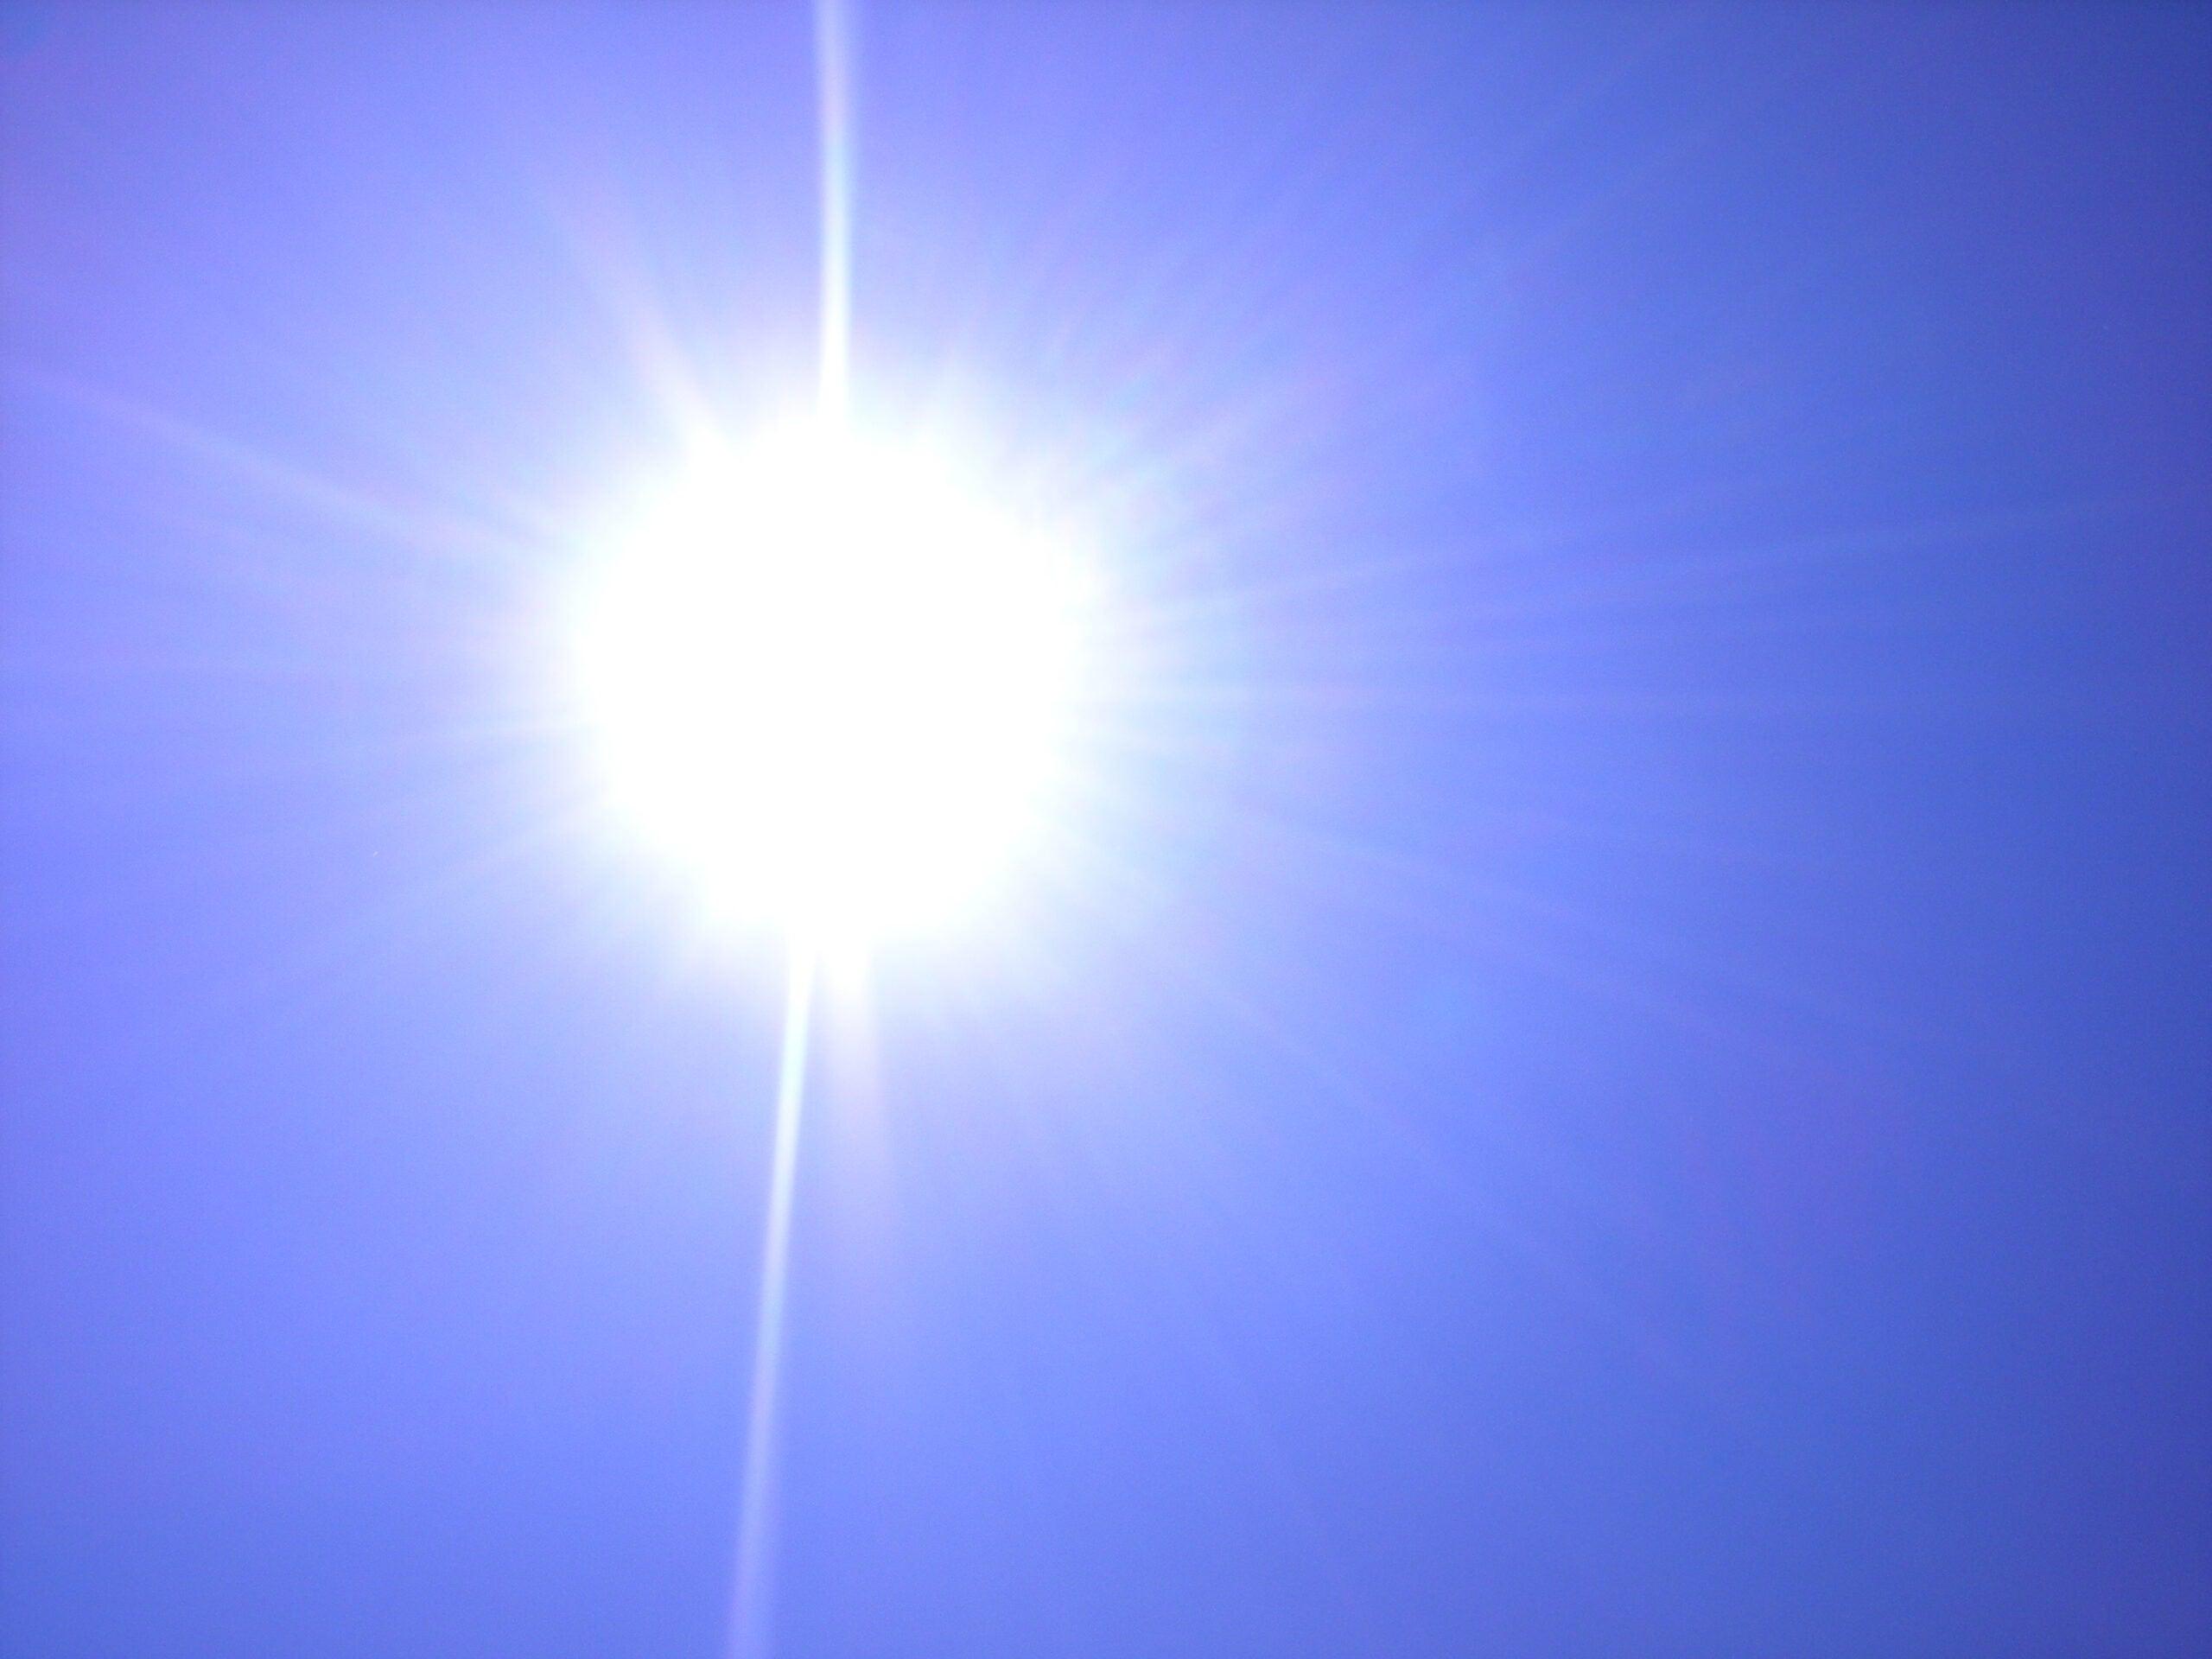 sun, heat, sunburn, skin protection, spf, skin cancer